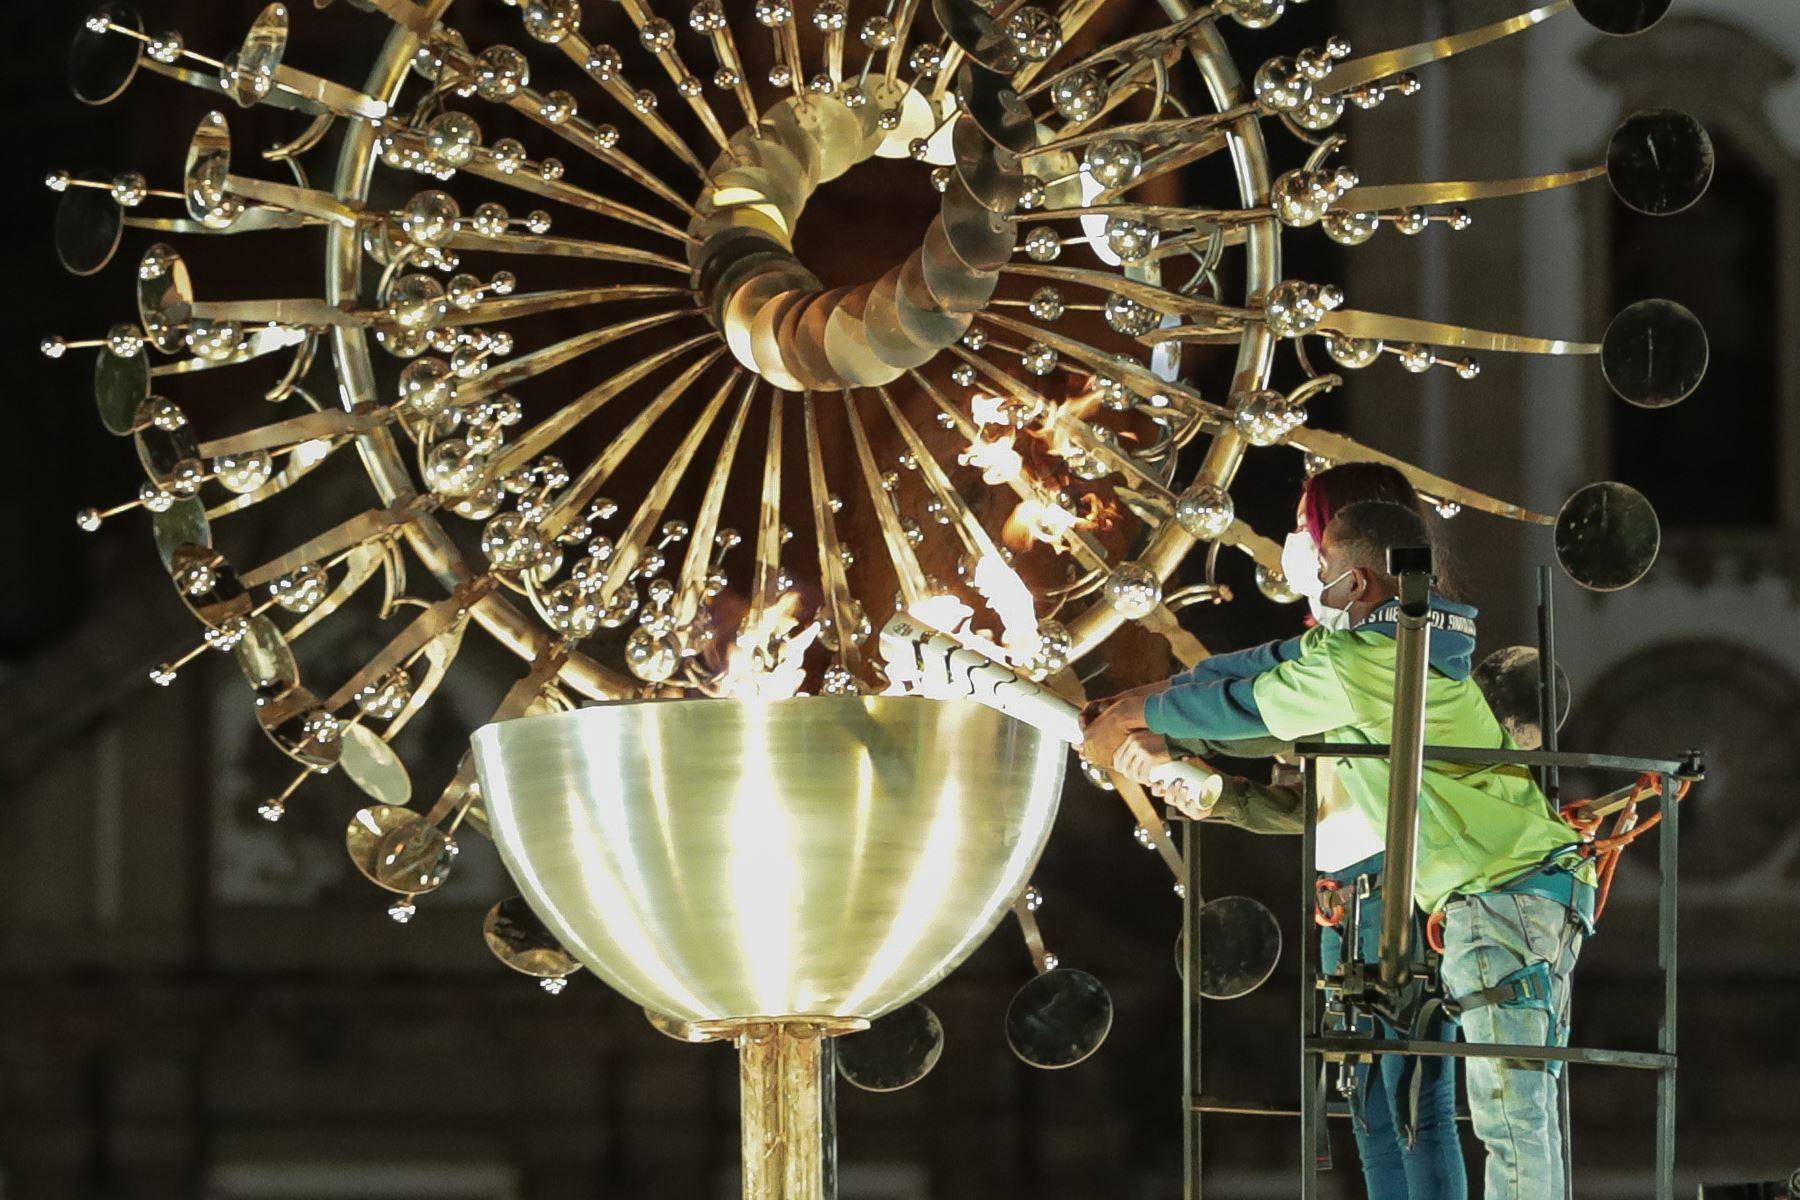 La réplica de la pira olímpica Río 2016 fue encendida hoy en Río de Janeiro, Brasil. La réplica de la pira oficial permanecerá encendida durante los Juegos Olímpicos de Tokio 2020, que se inauguran mañana viernes. Foto: EFE